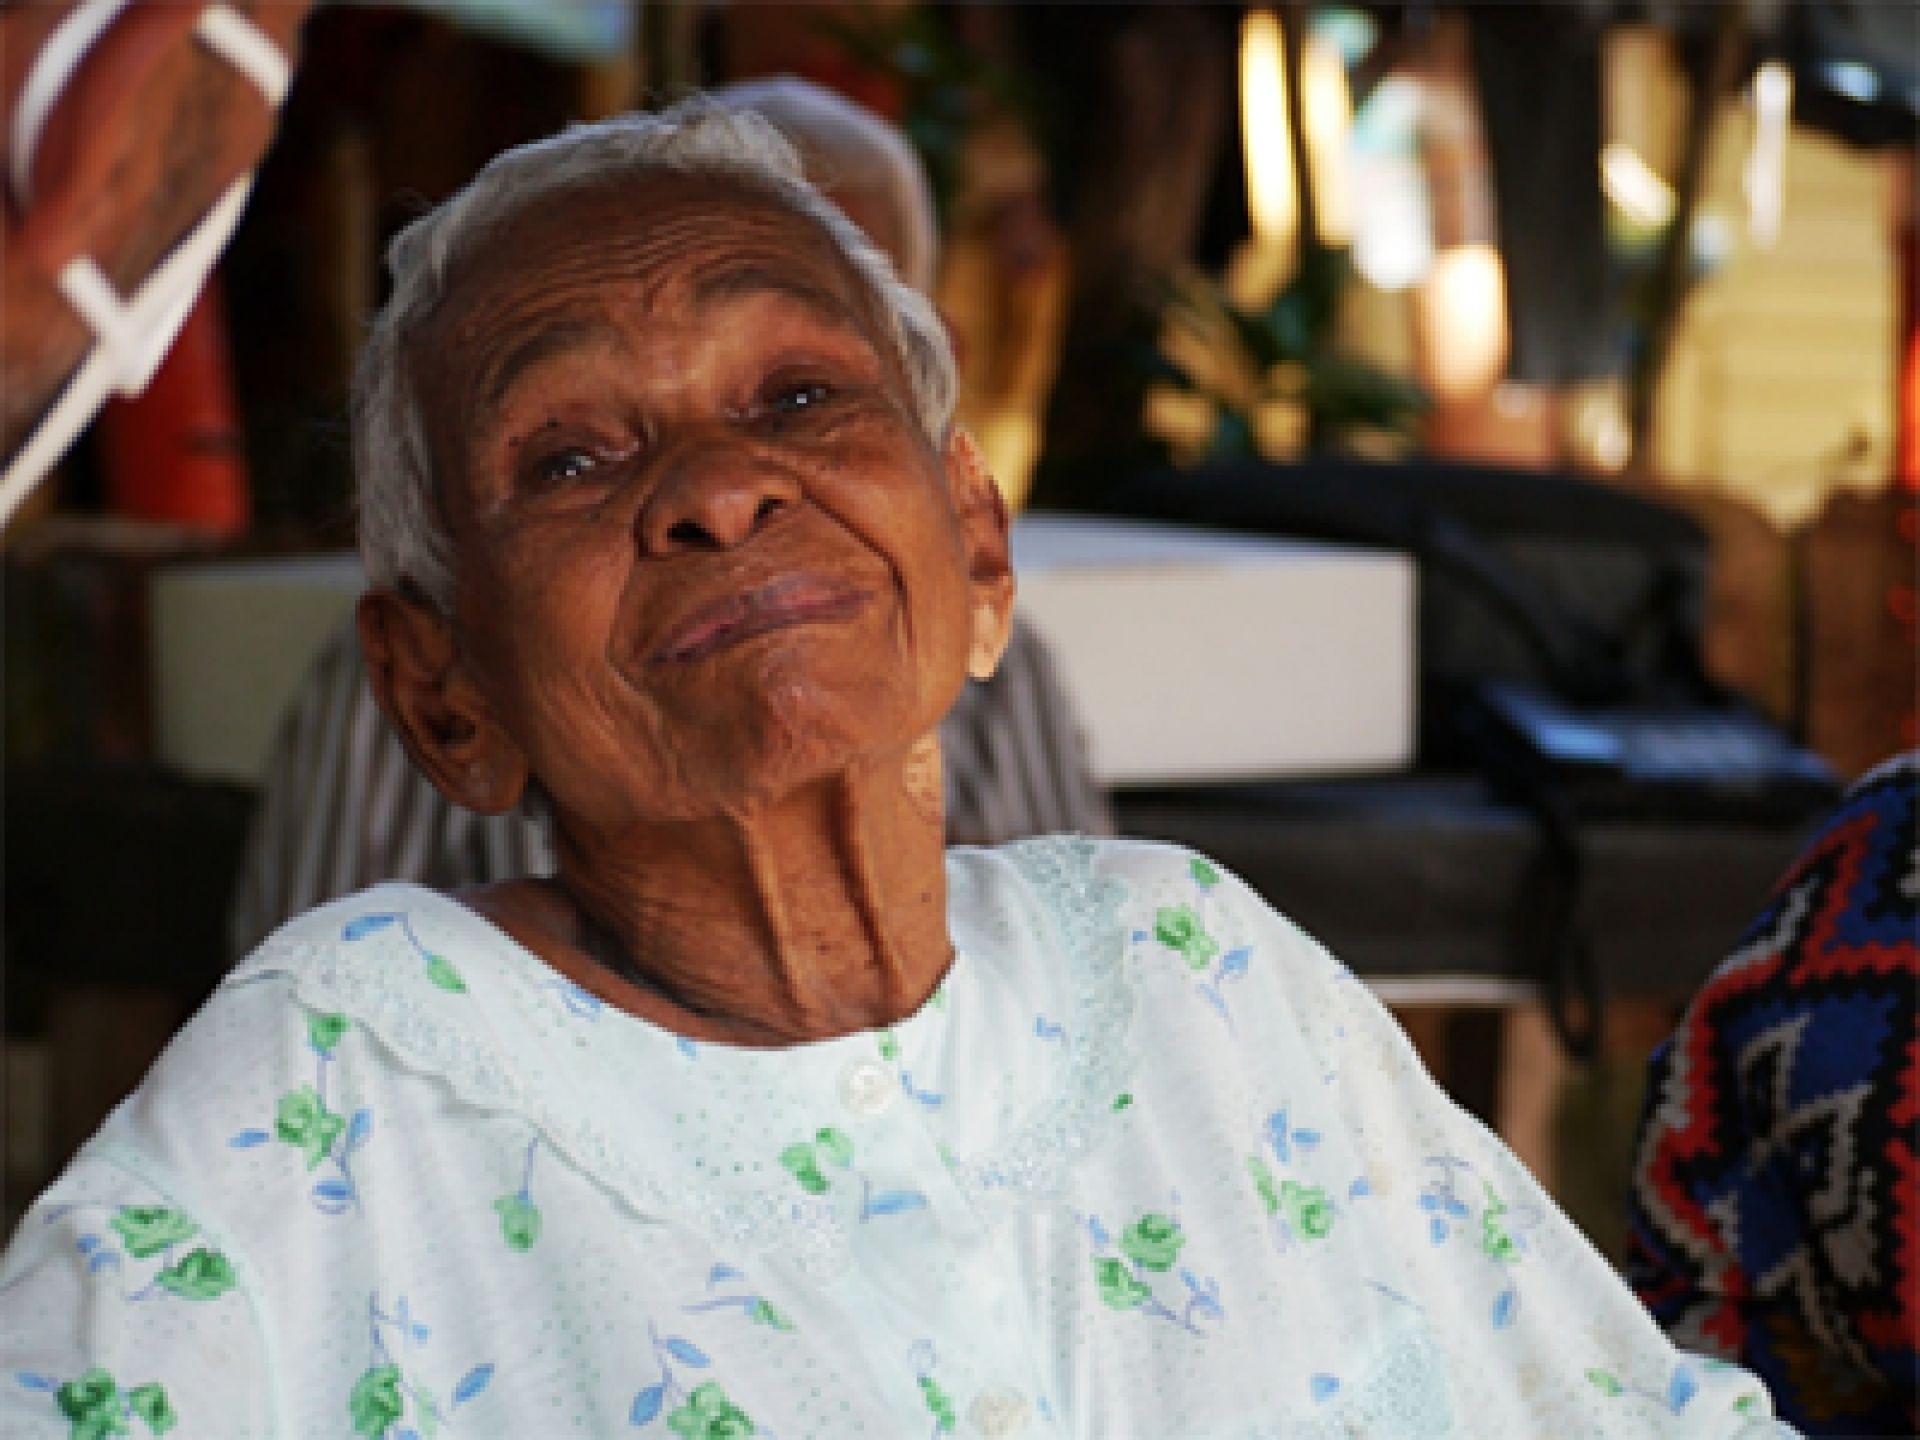 Старейшая доминиканка отпраздновала день рождения - 121 год